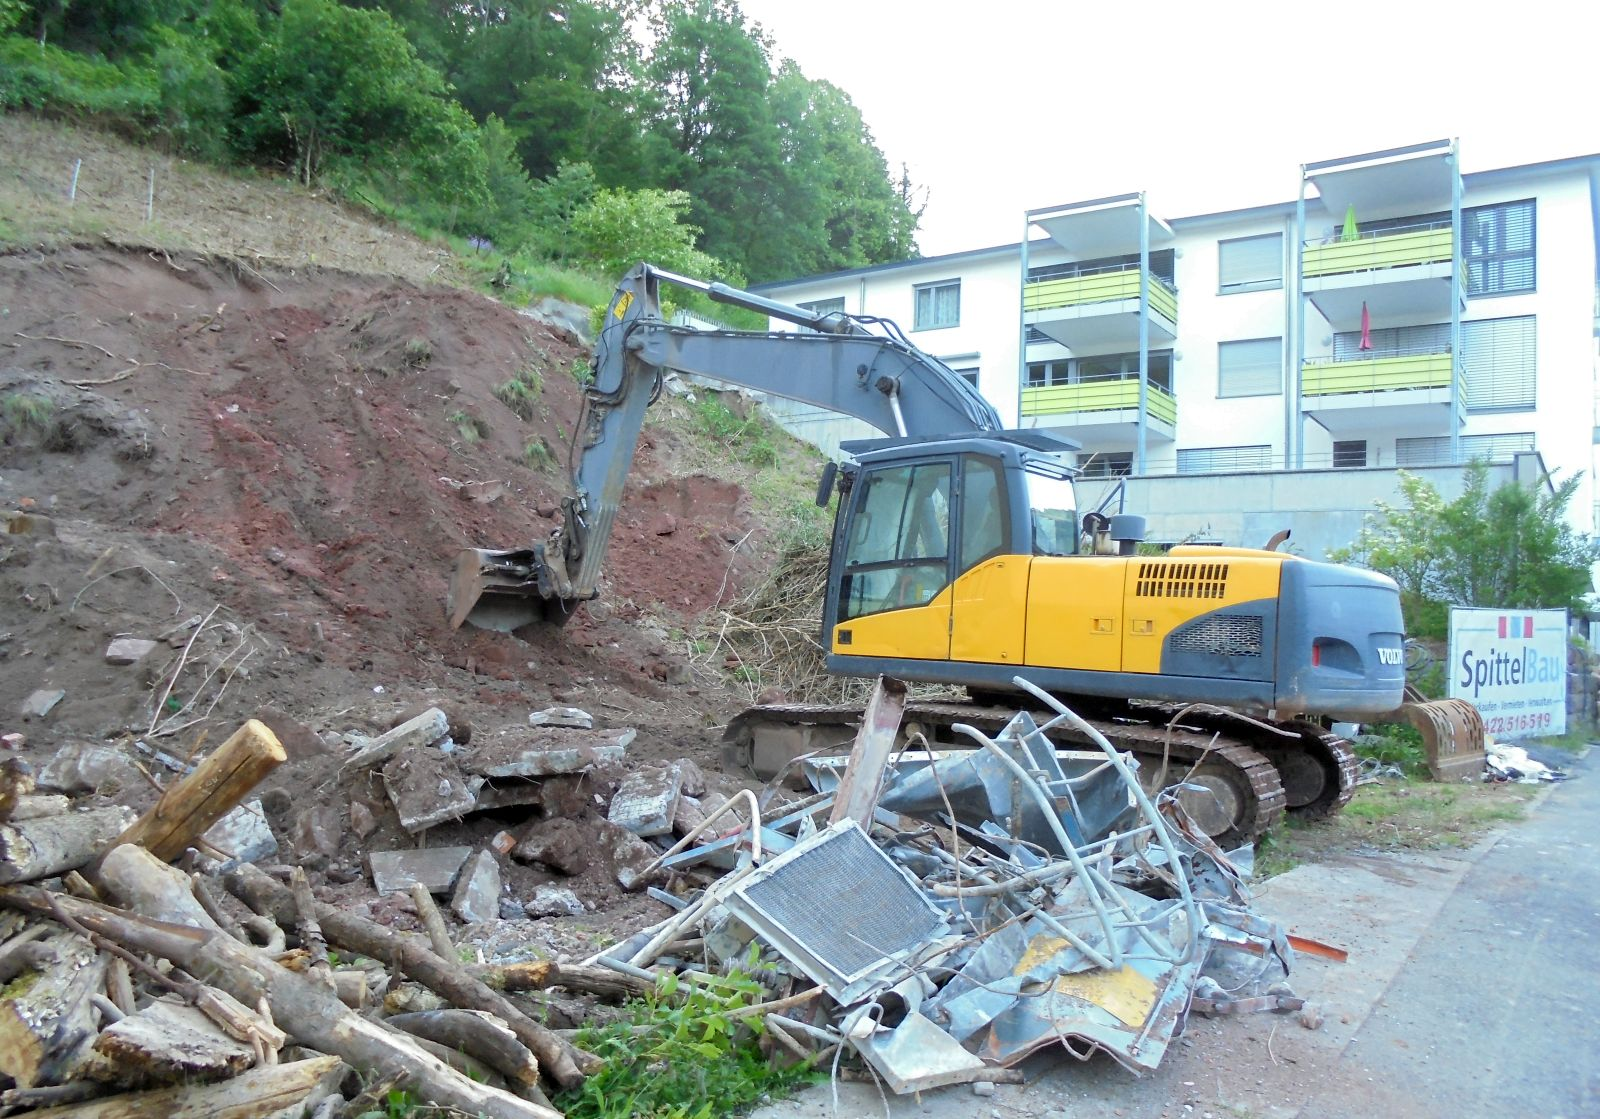 Im Sanierungsgebiet Am Brestenberg begann im vergangenen Frühjahr der Bau  eines neuen Mehrfamilienhauses. Archiv-Foto: him